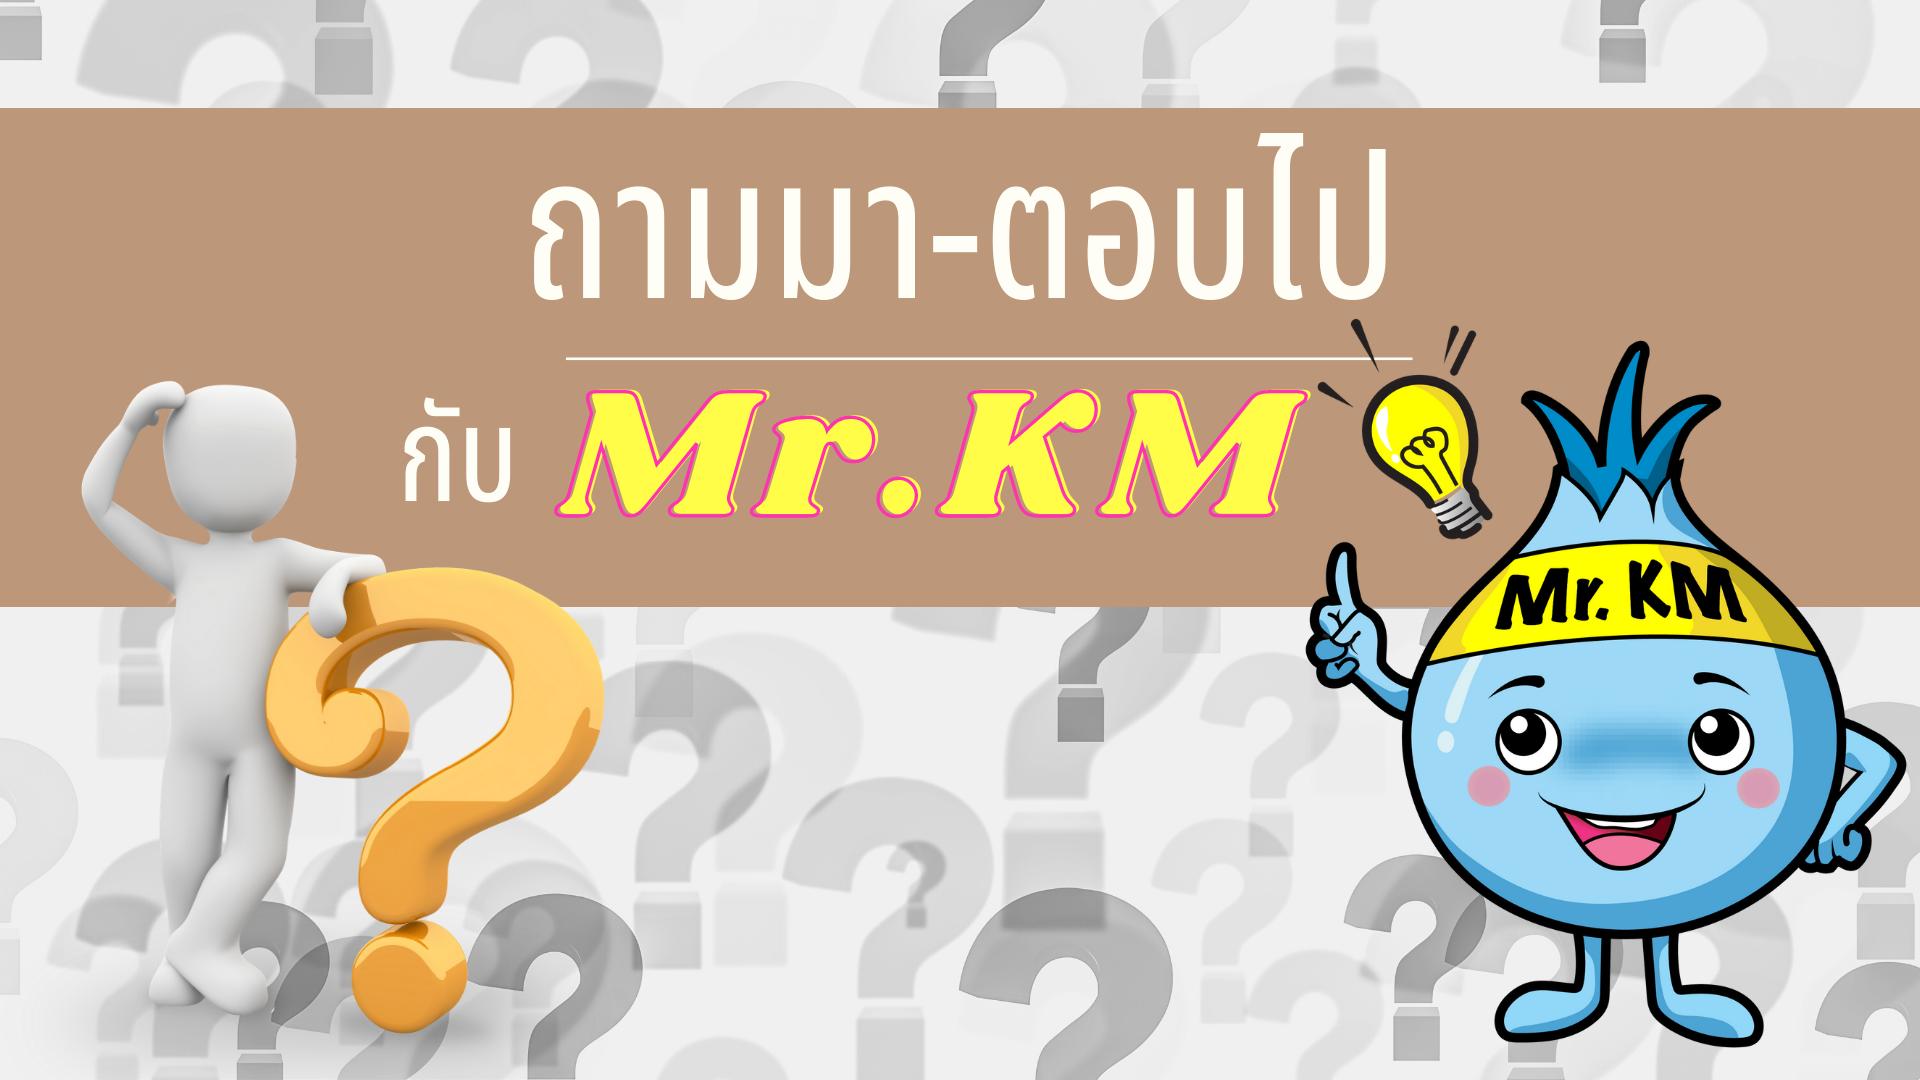 ถามมา-ตอบไป กับ Mr.KM